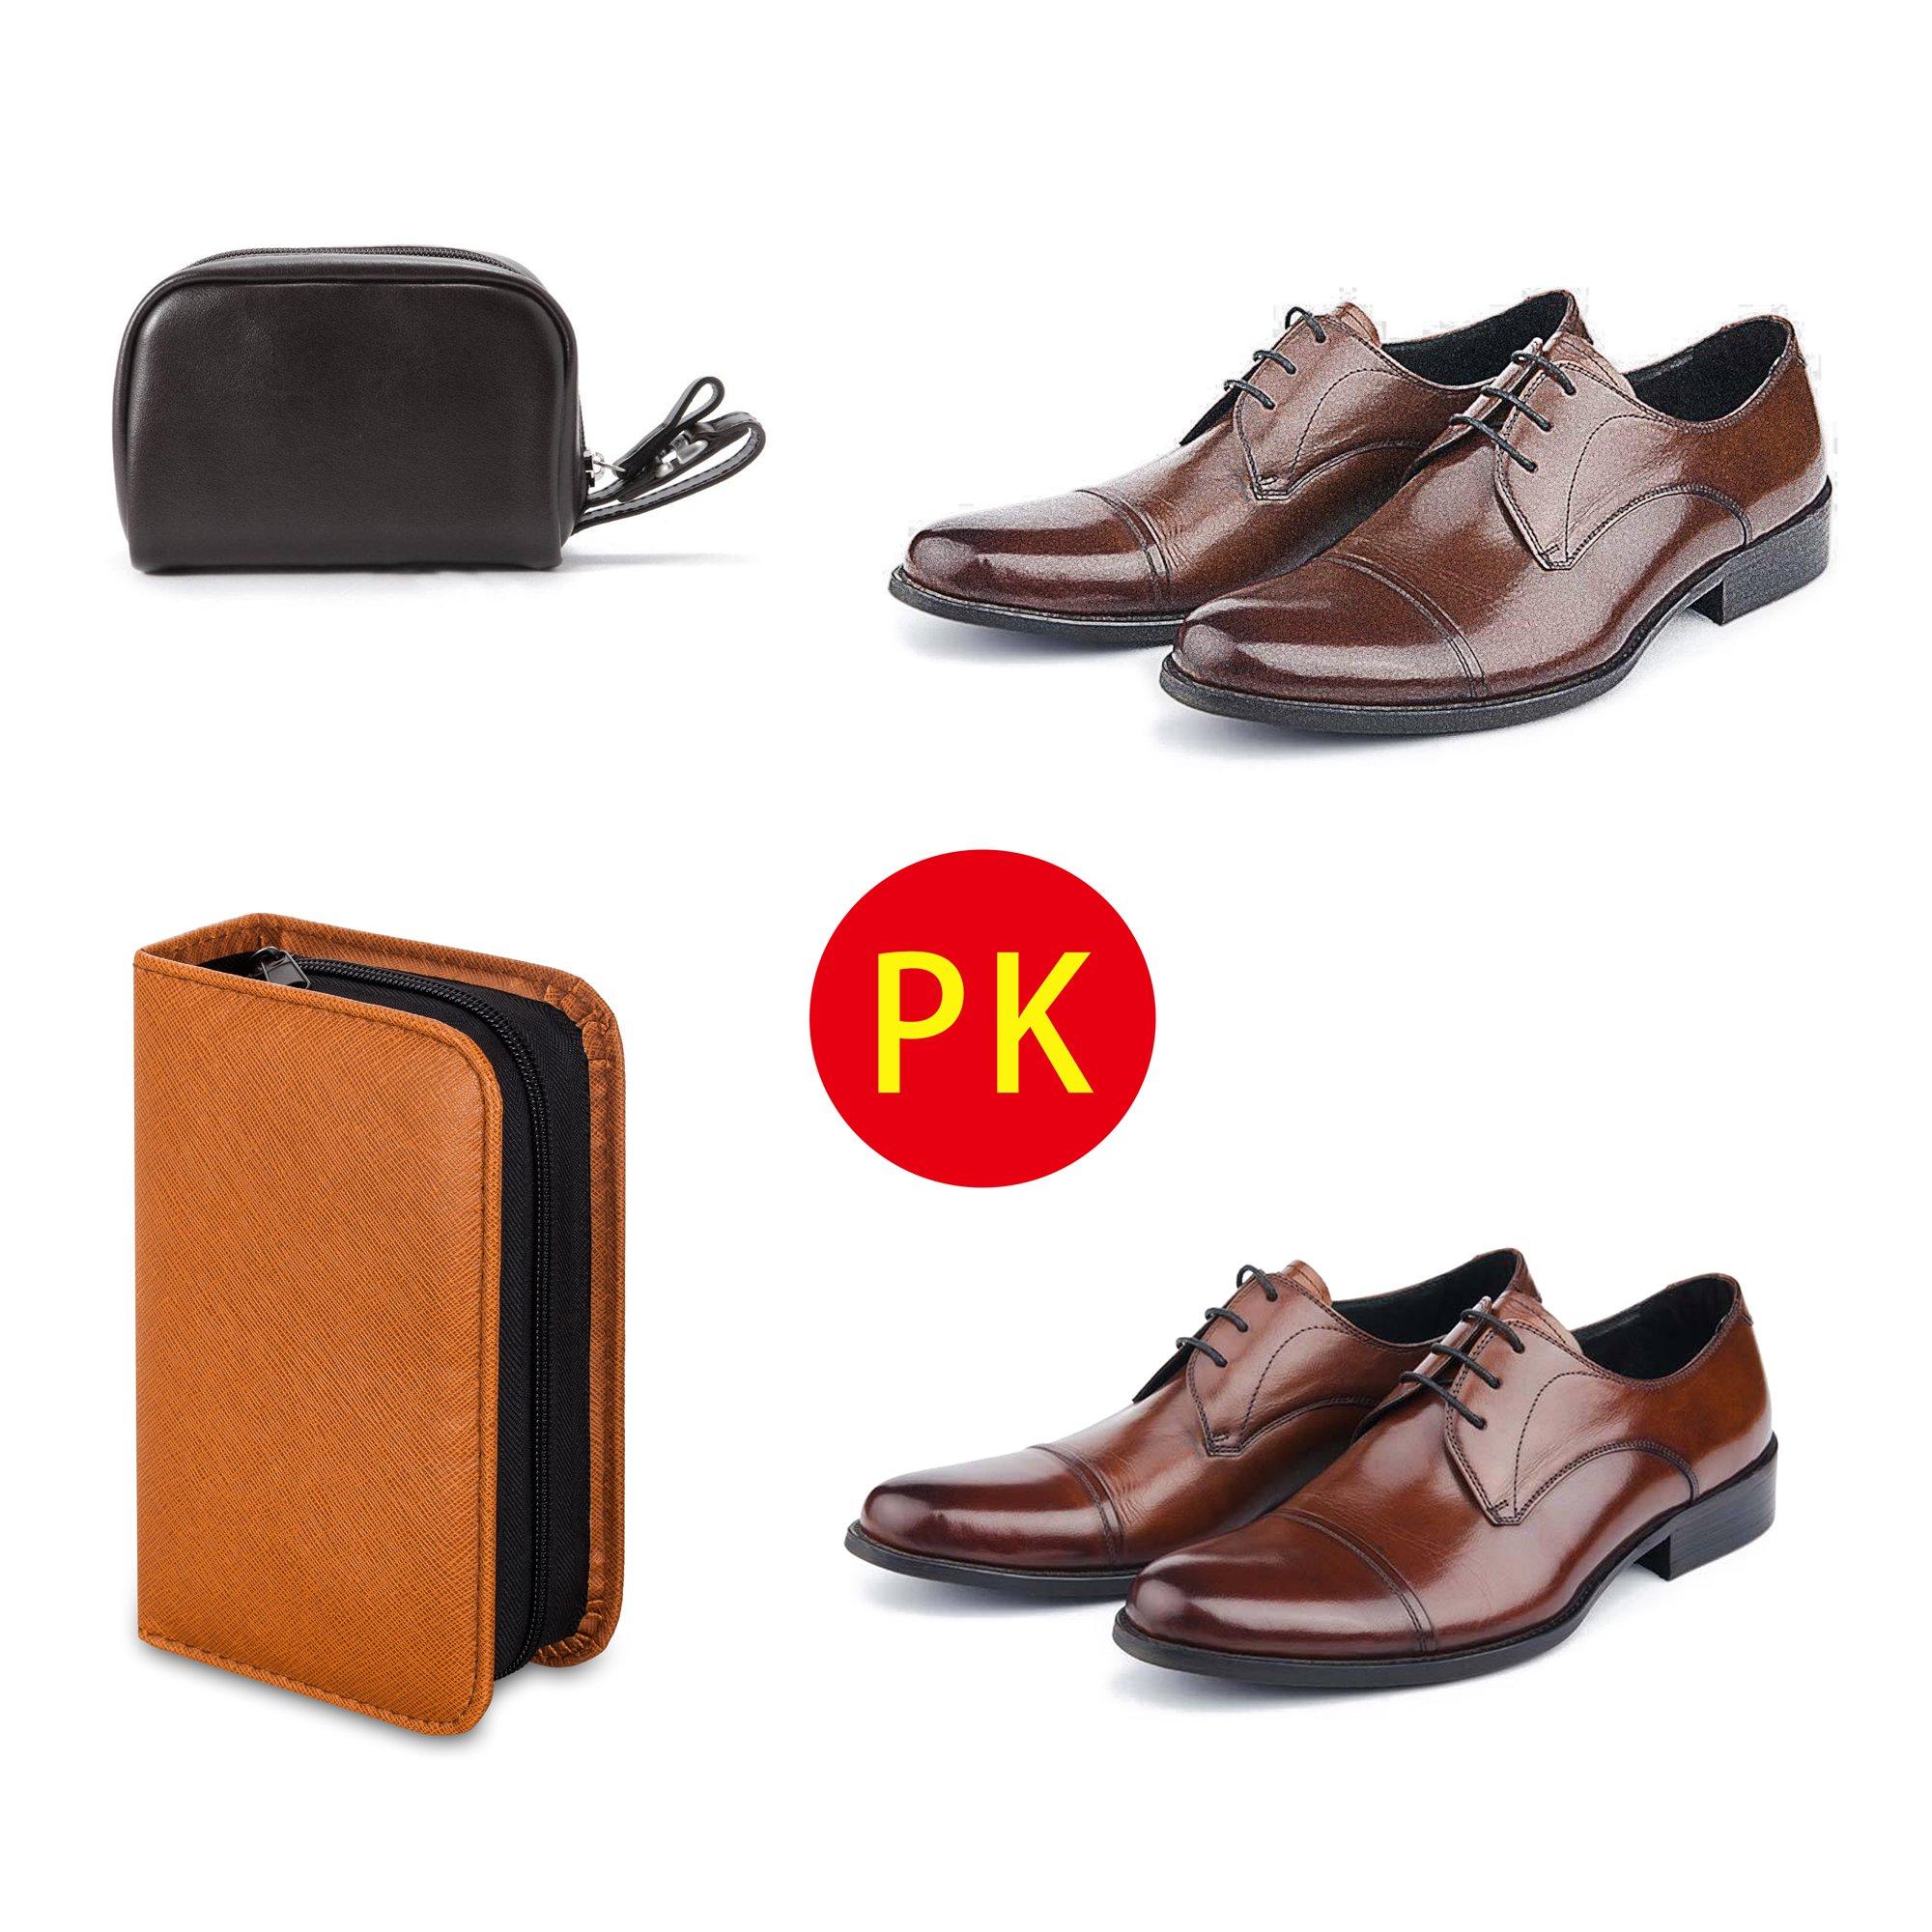 Shoe Shine Kit with PU Leather Sleek Elegant Case, 7-Piece Travel Shoe Shine Brush kit by make it funwan (Image #6)